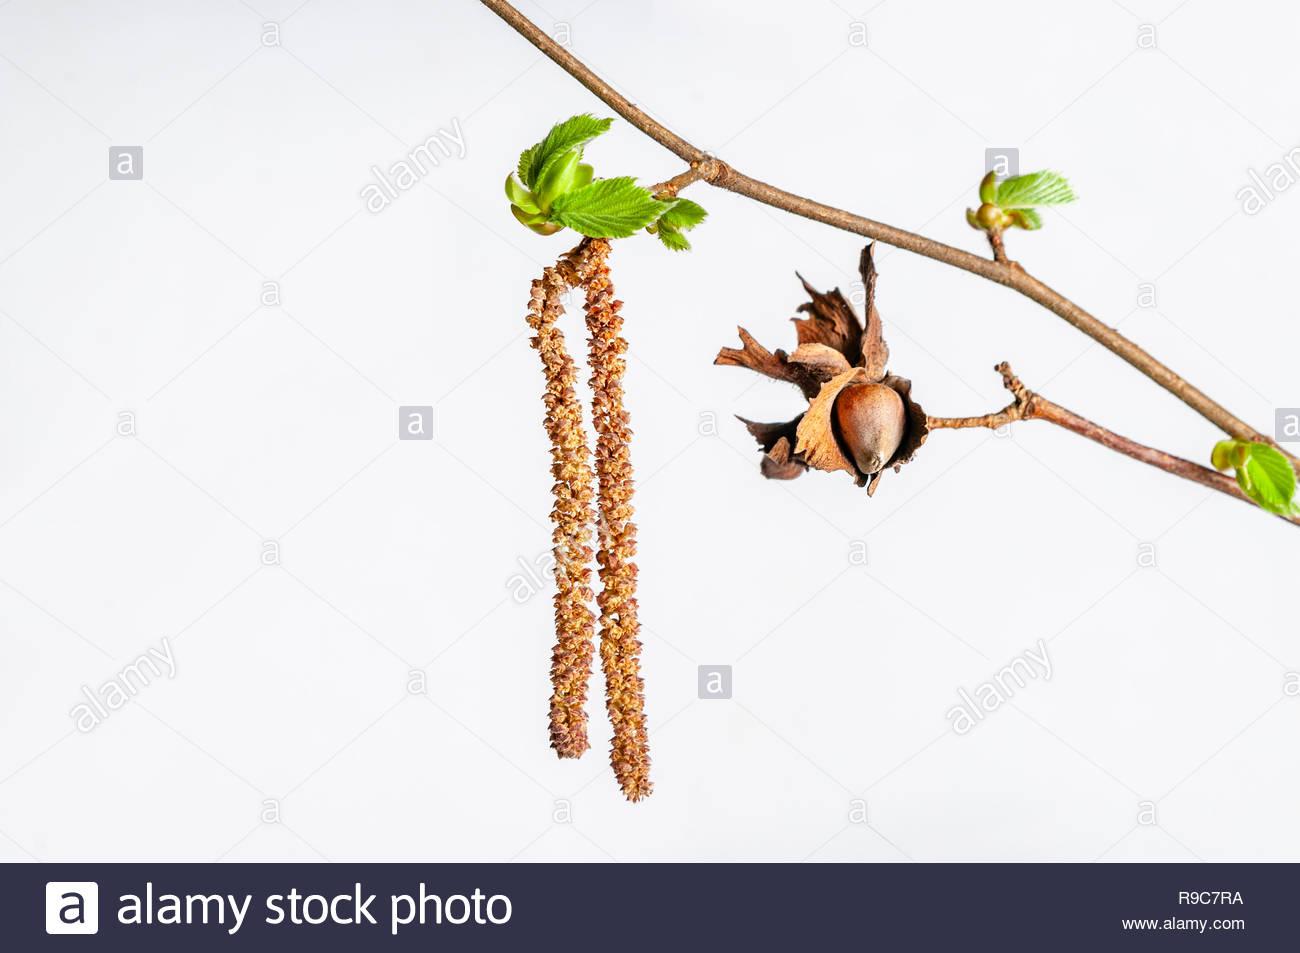 Junger Trieb eines Haselnussstrauches. Diese Pflanze ist ein Frühblüher. - Stock Image